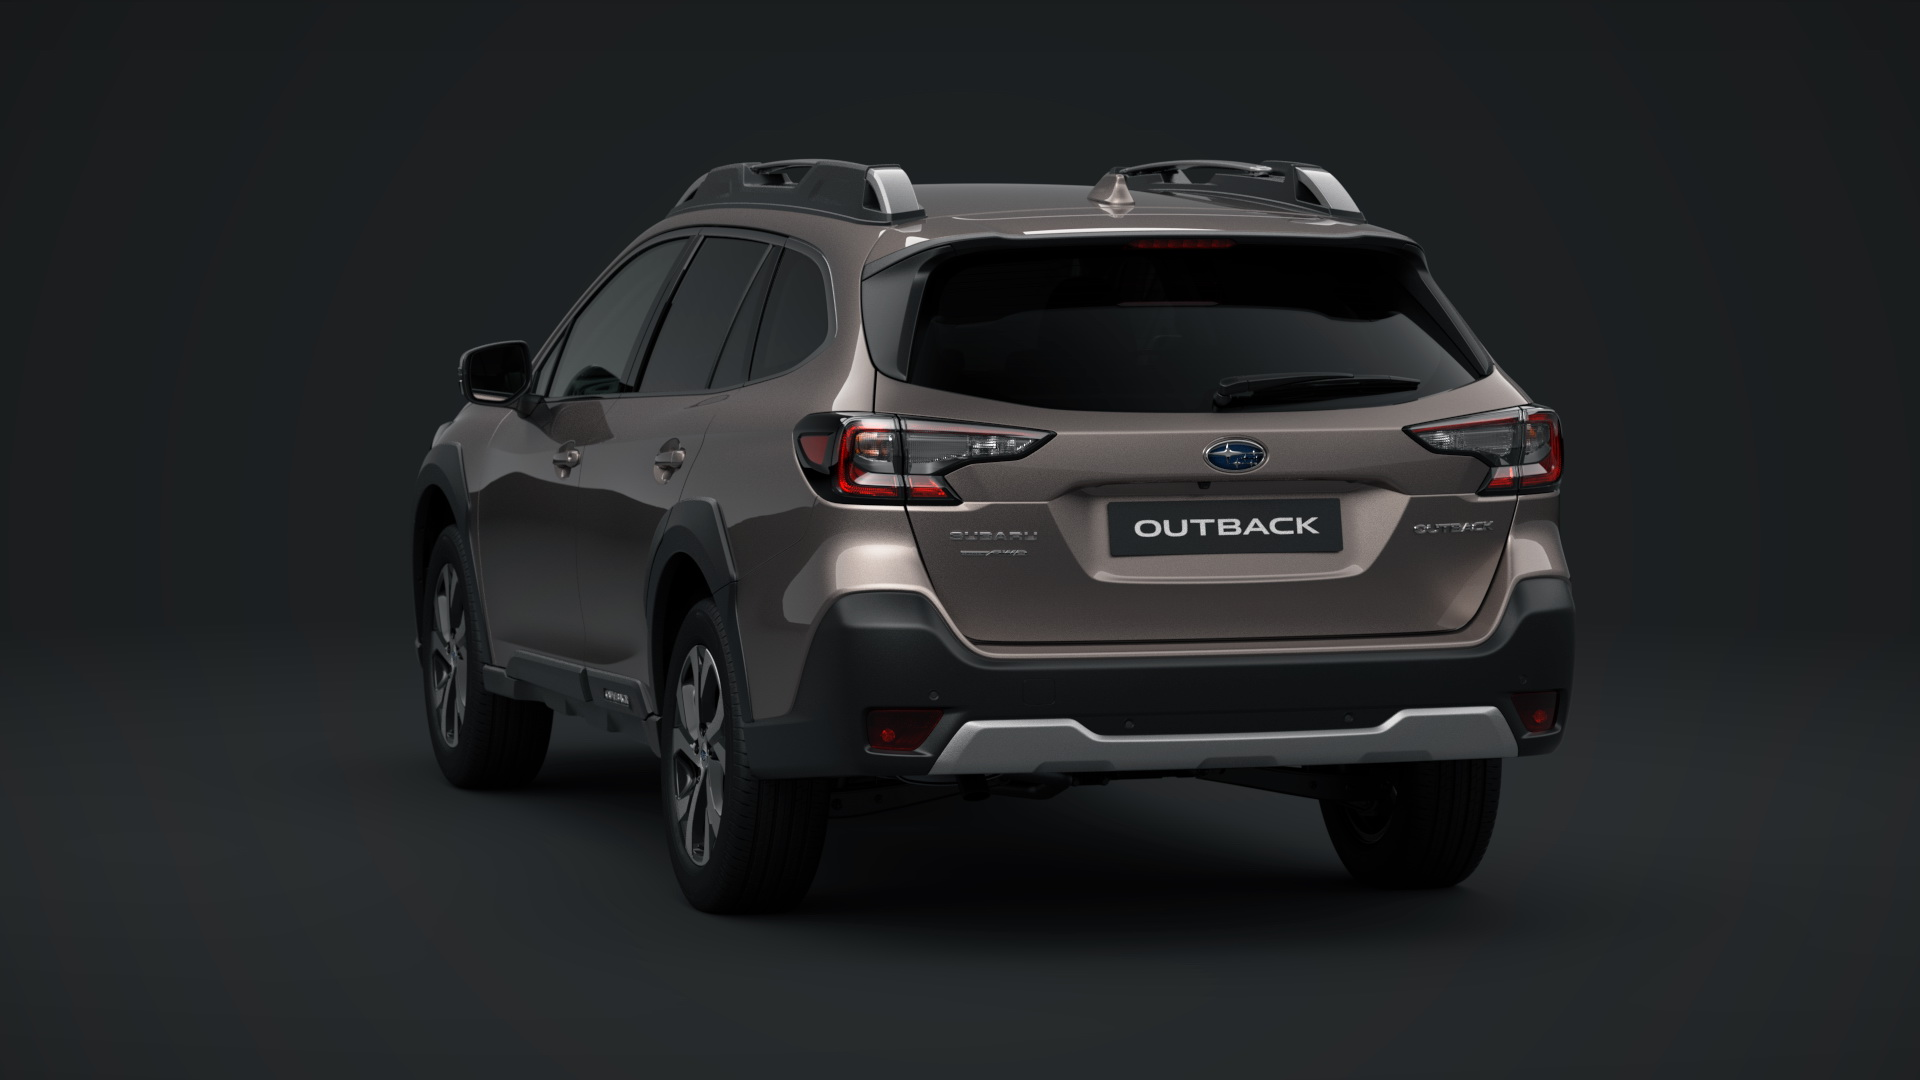 2021年斯巴鲁Outback抵达欧洲,只有一个无引擎选项